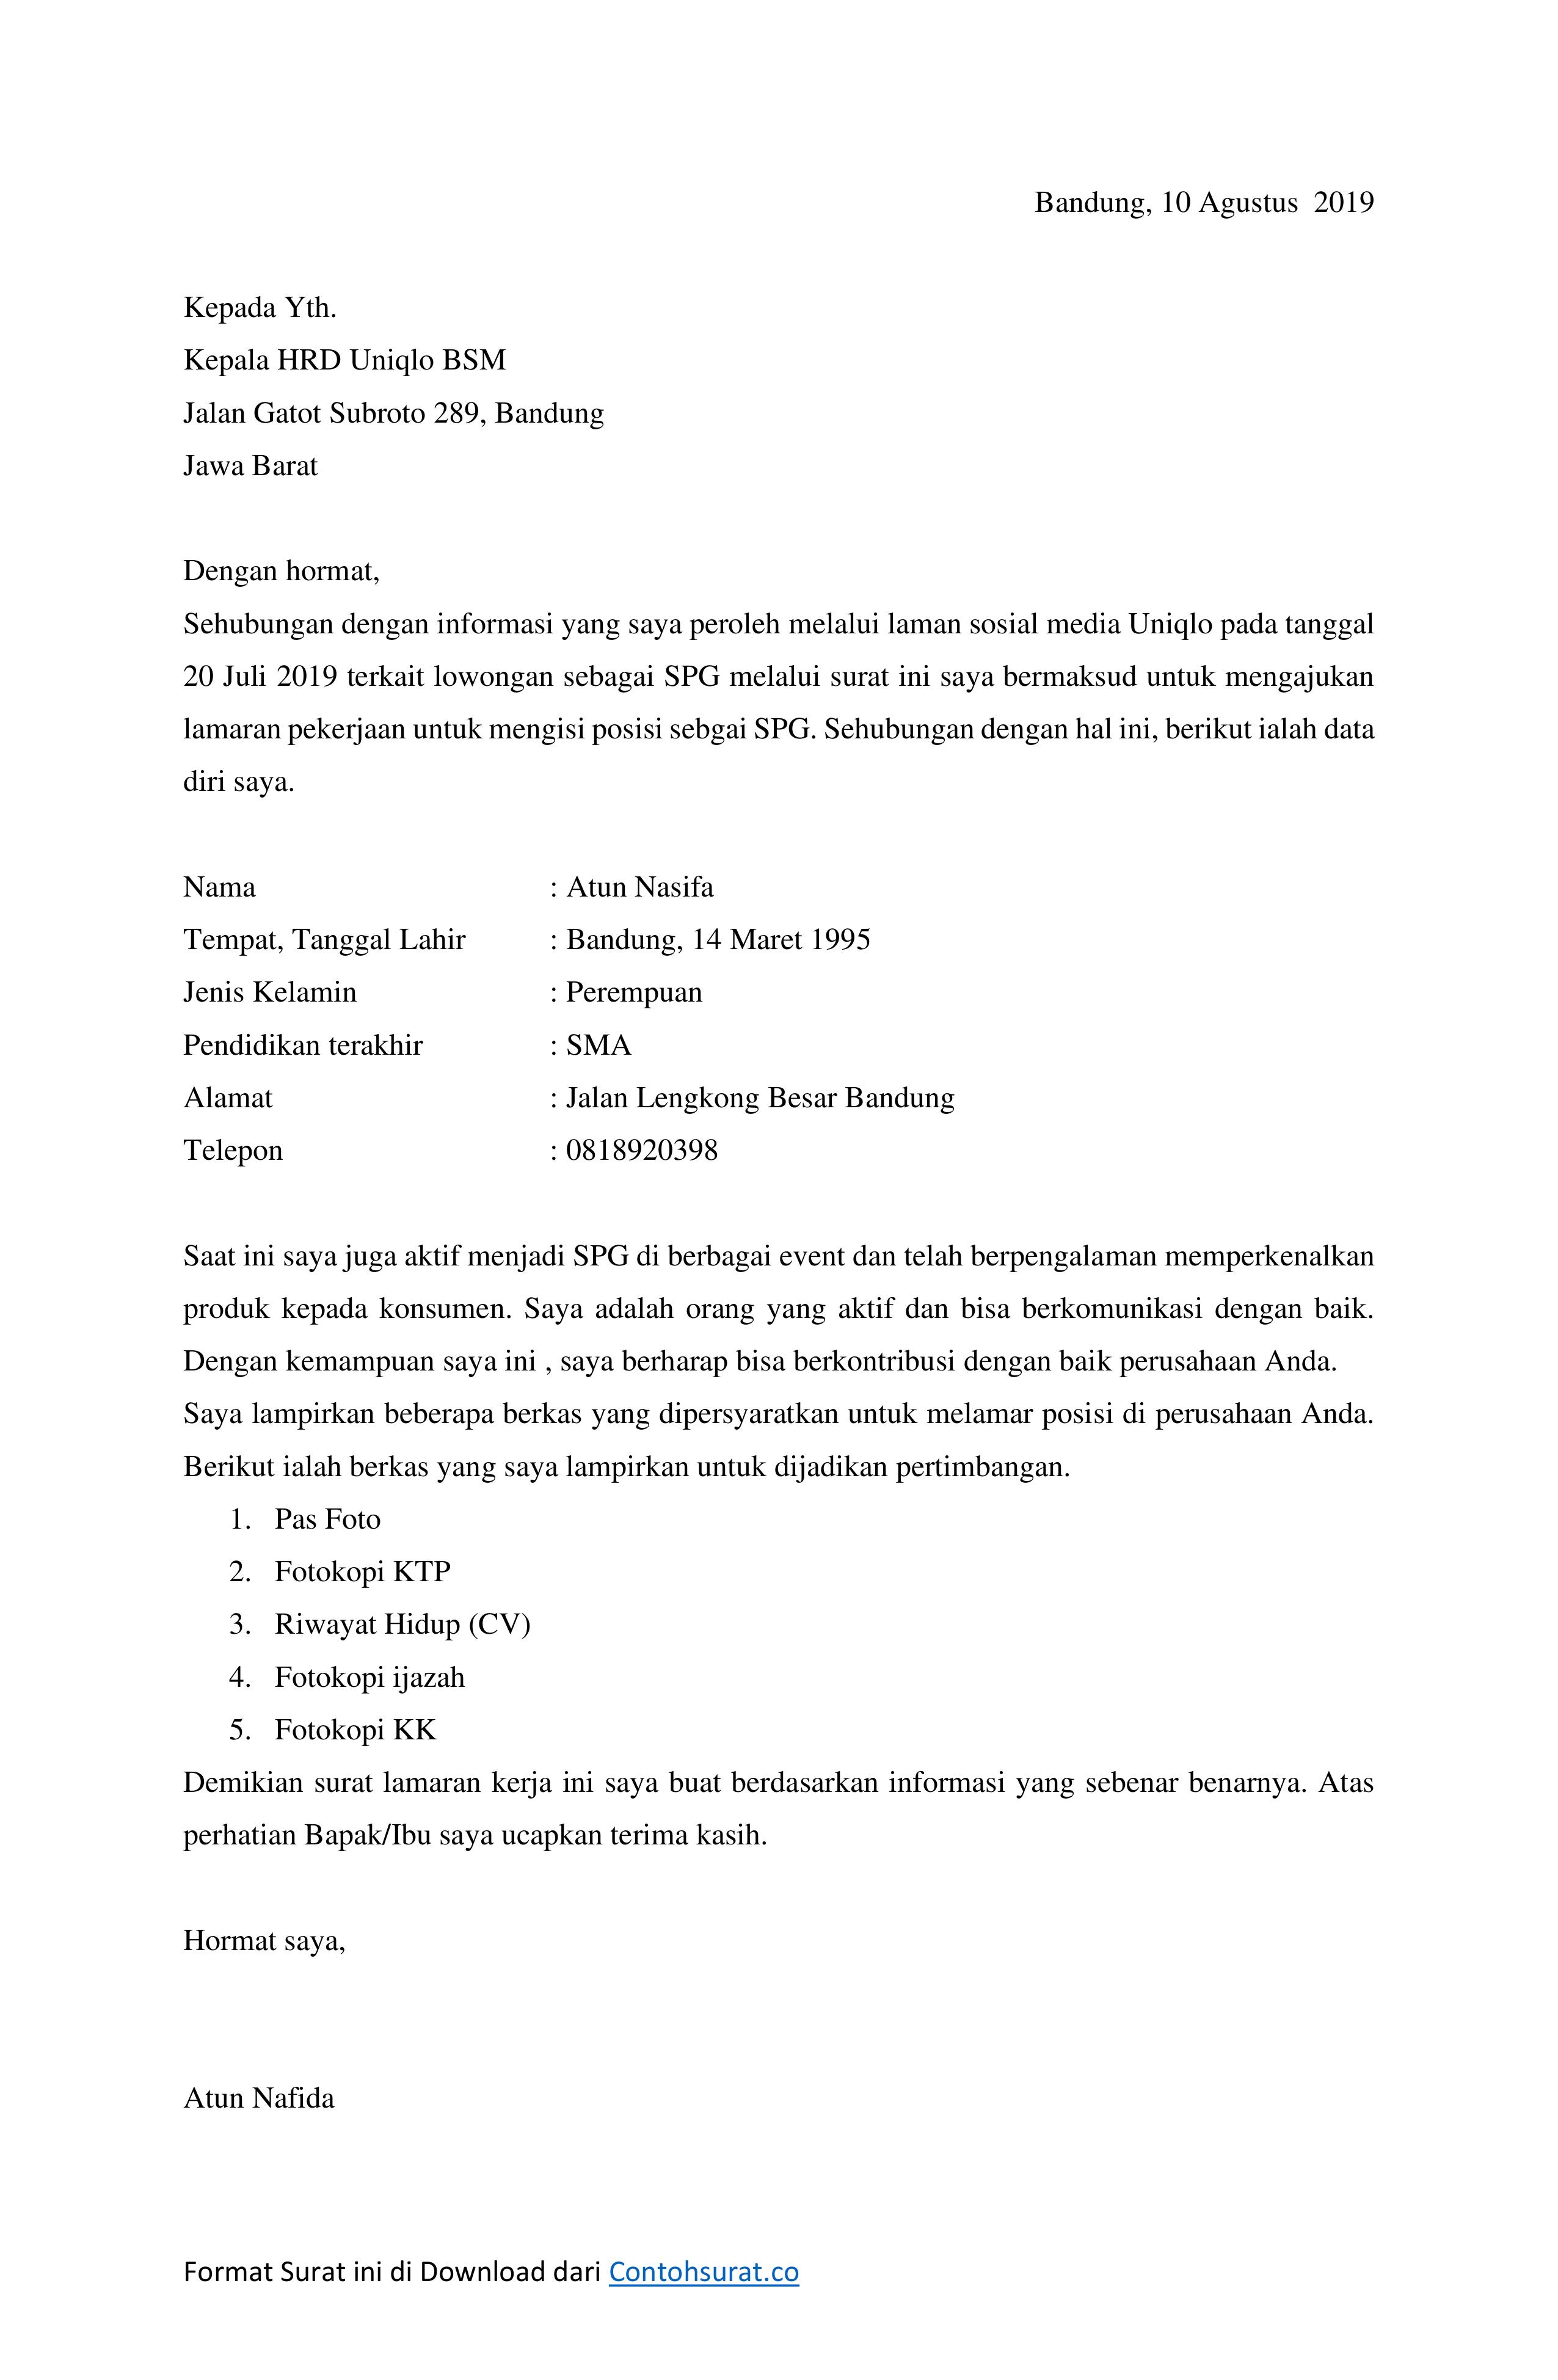 Download Contoh Surat Lamaran Kerja Spg Spb Di Toko Contoh Surat